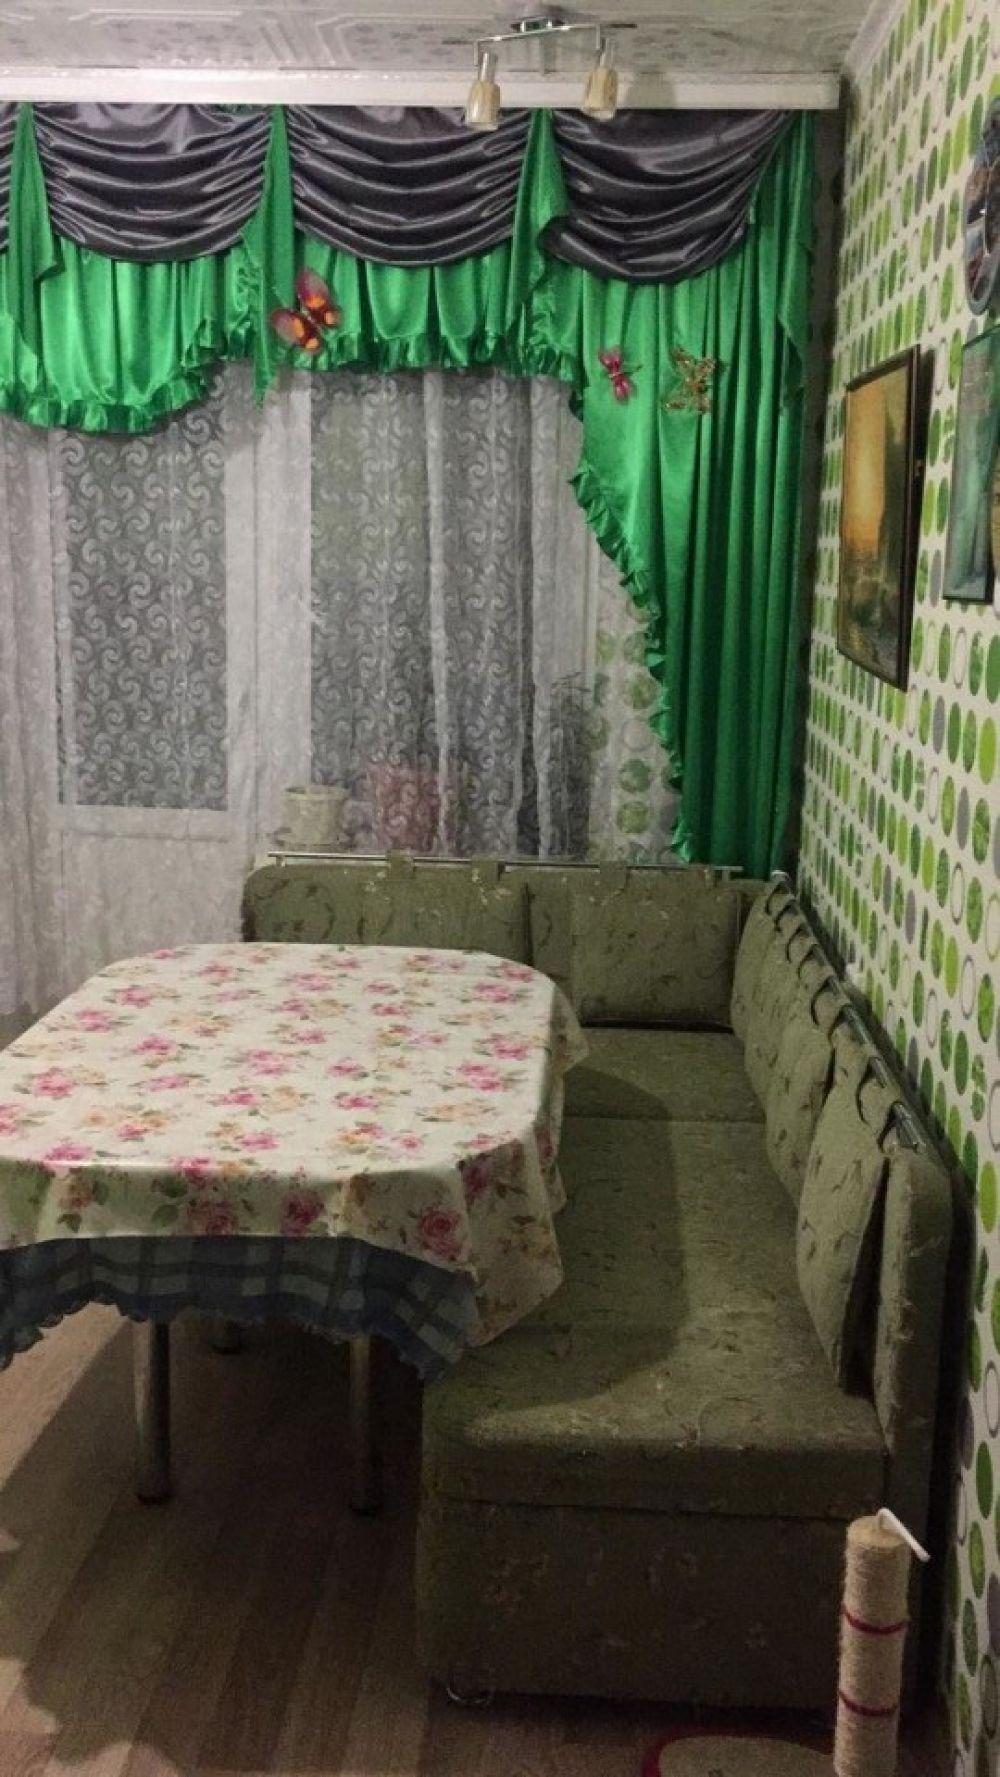 2-к квартира, 60 м2, 11/14 эт. Щёлково, микрорайон Финский, 9к2, фото 12